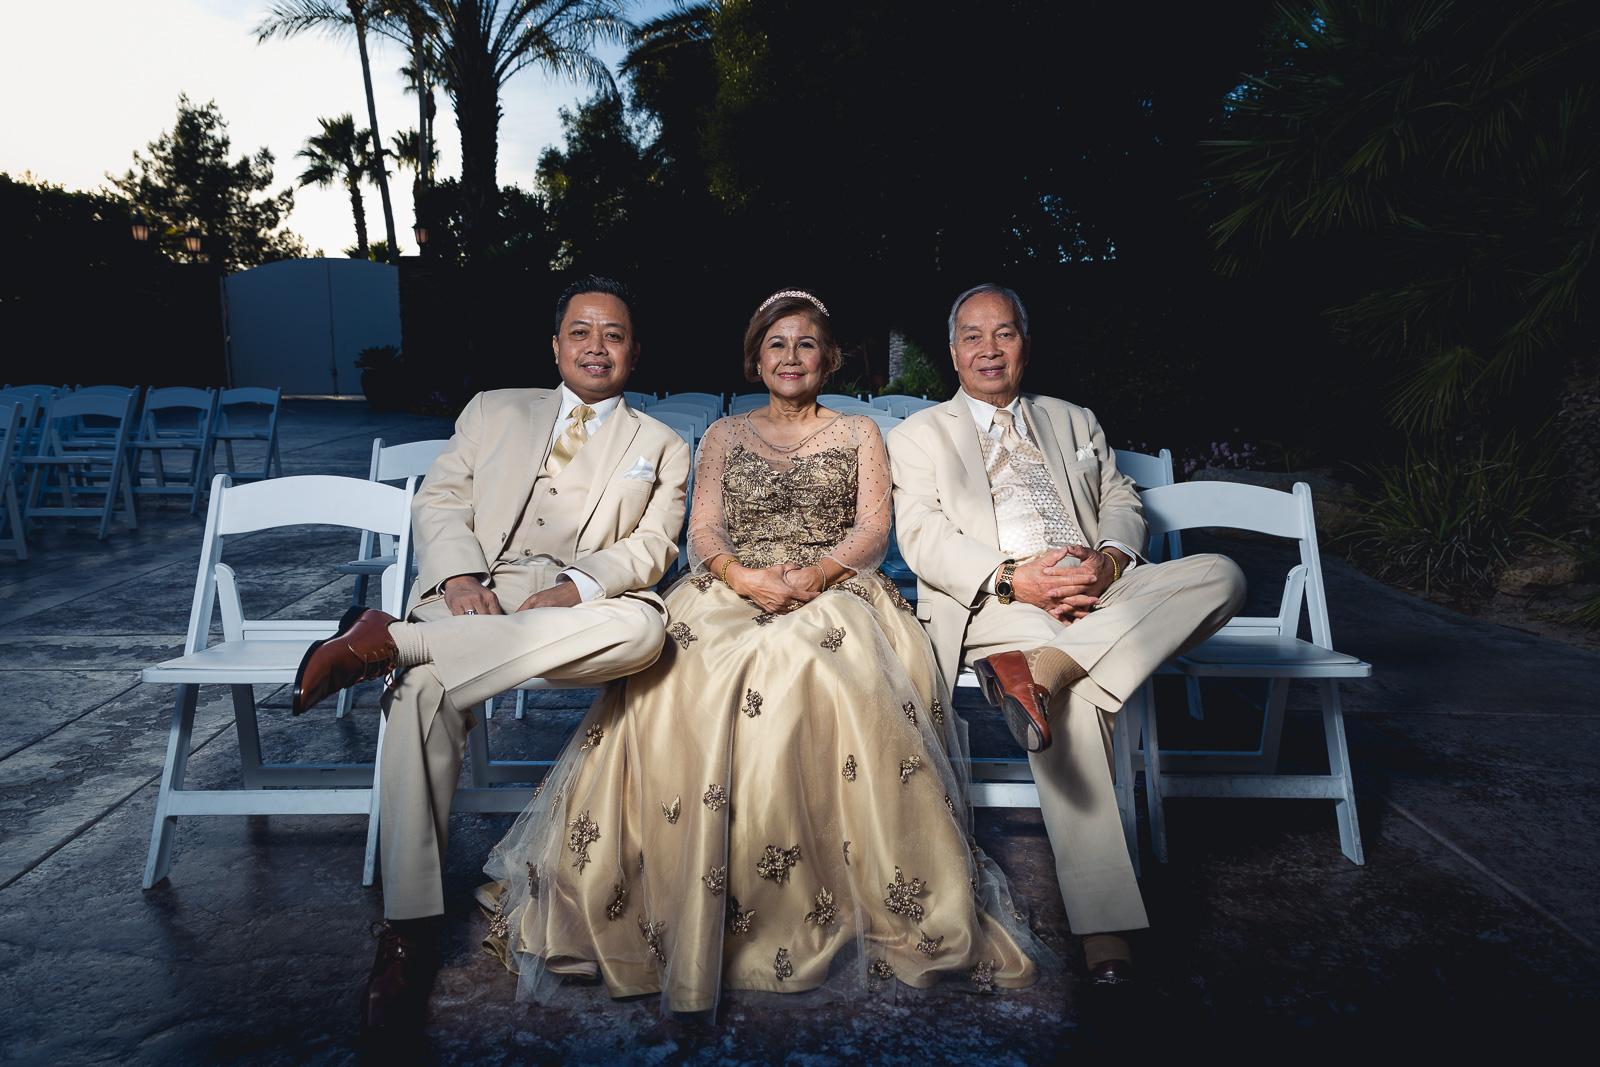 Olmedilla-Wedding-Anniversary-18.jpg